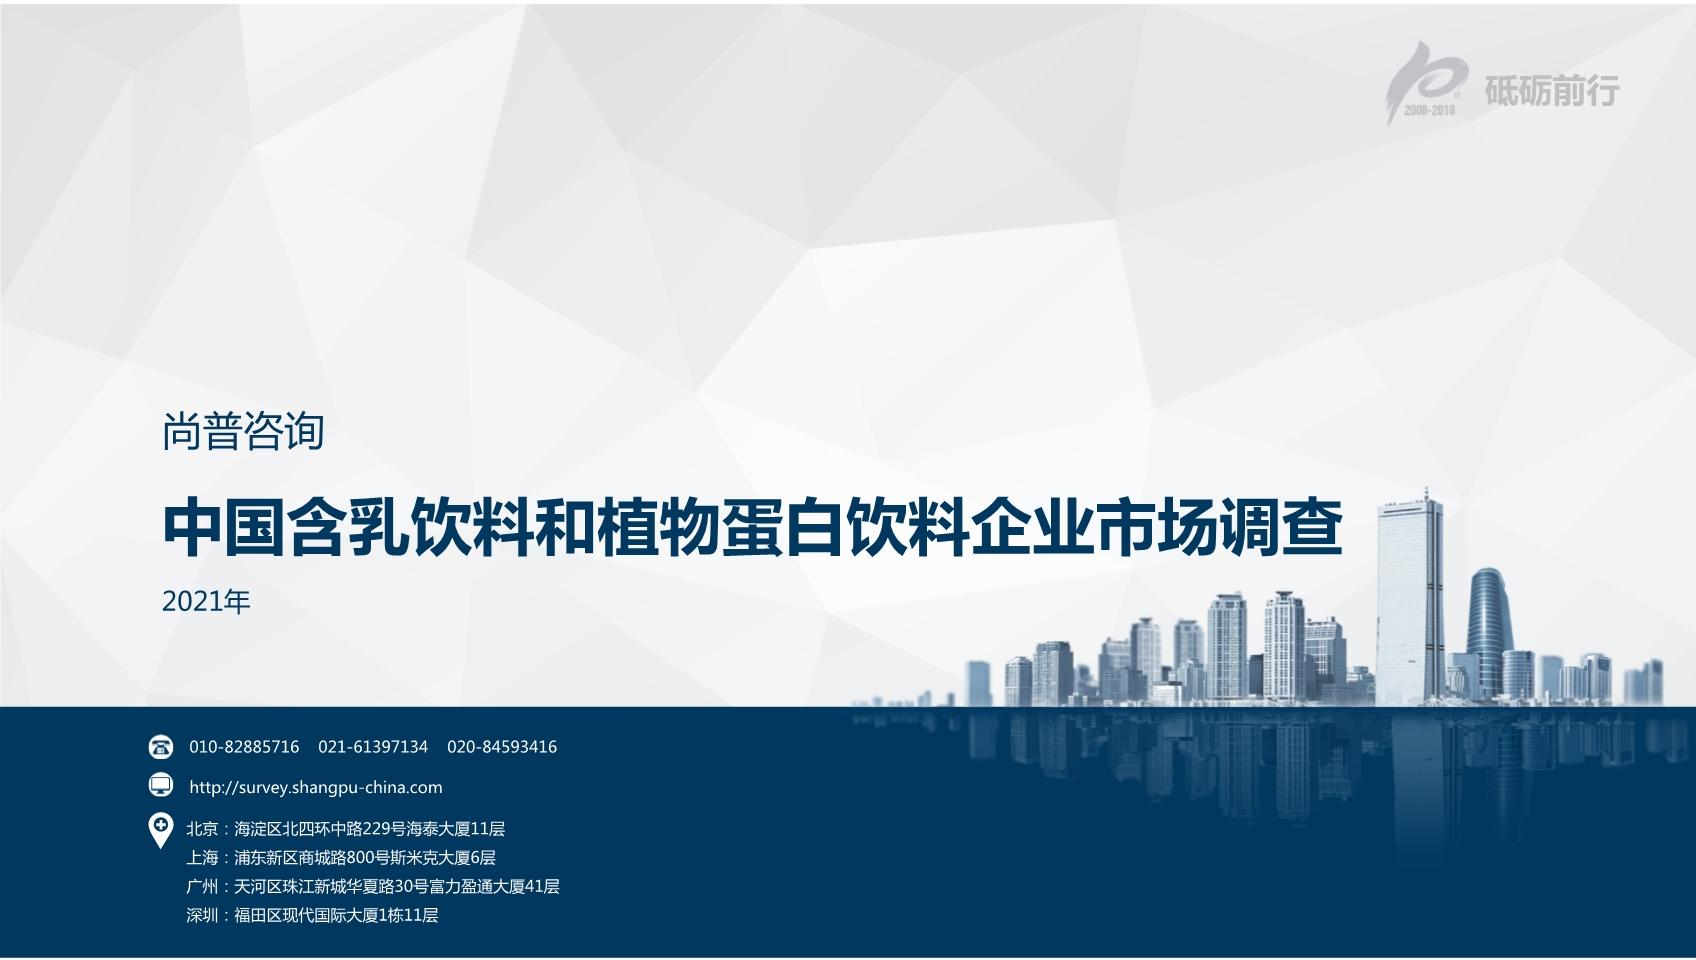 尚普咨询:2021年中国含乳饮料和植物蛋白饮料企业市场调查